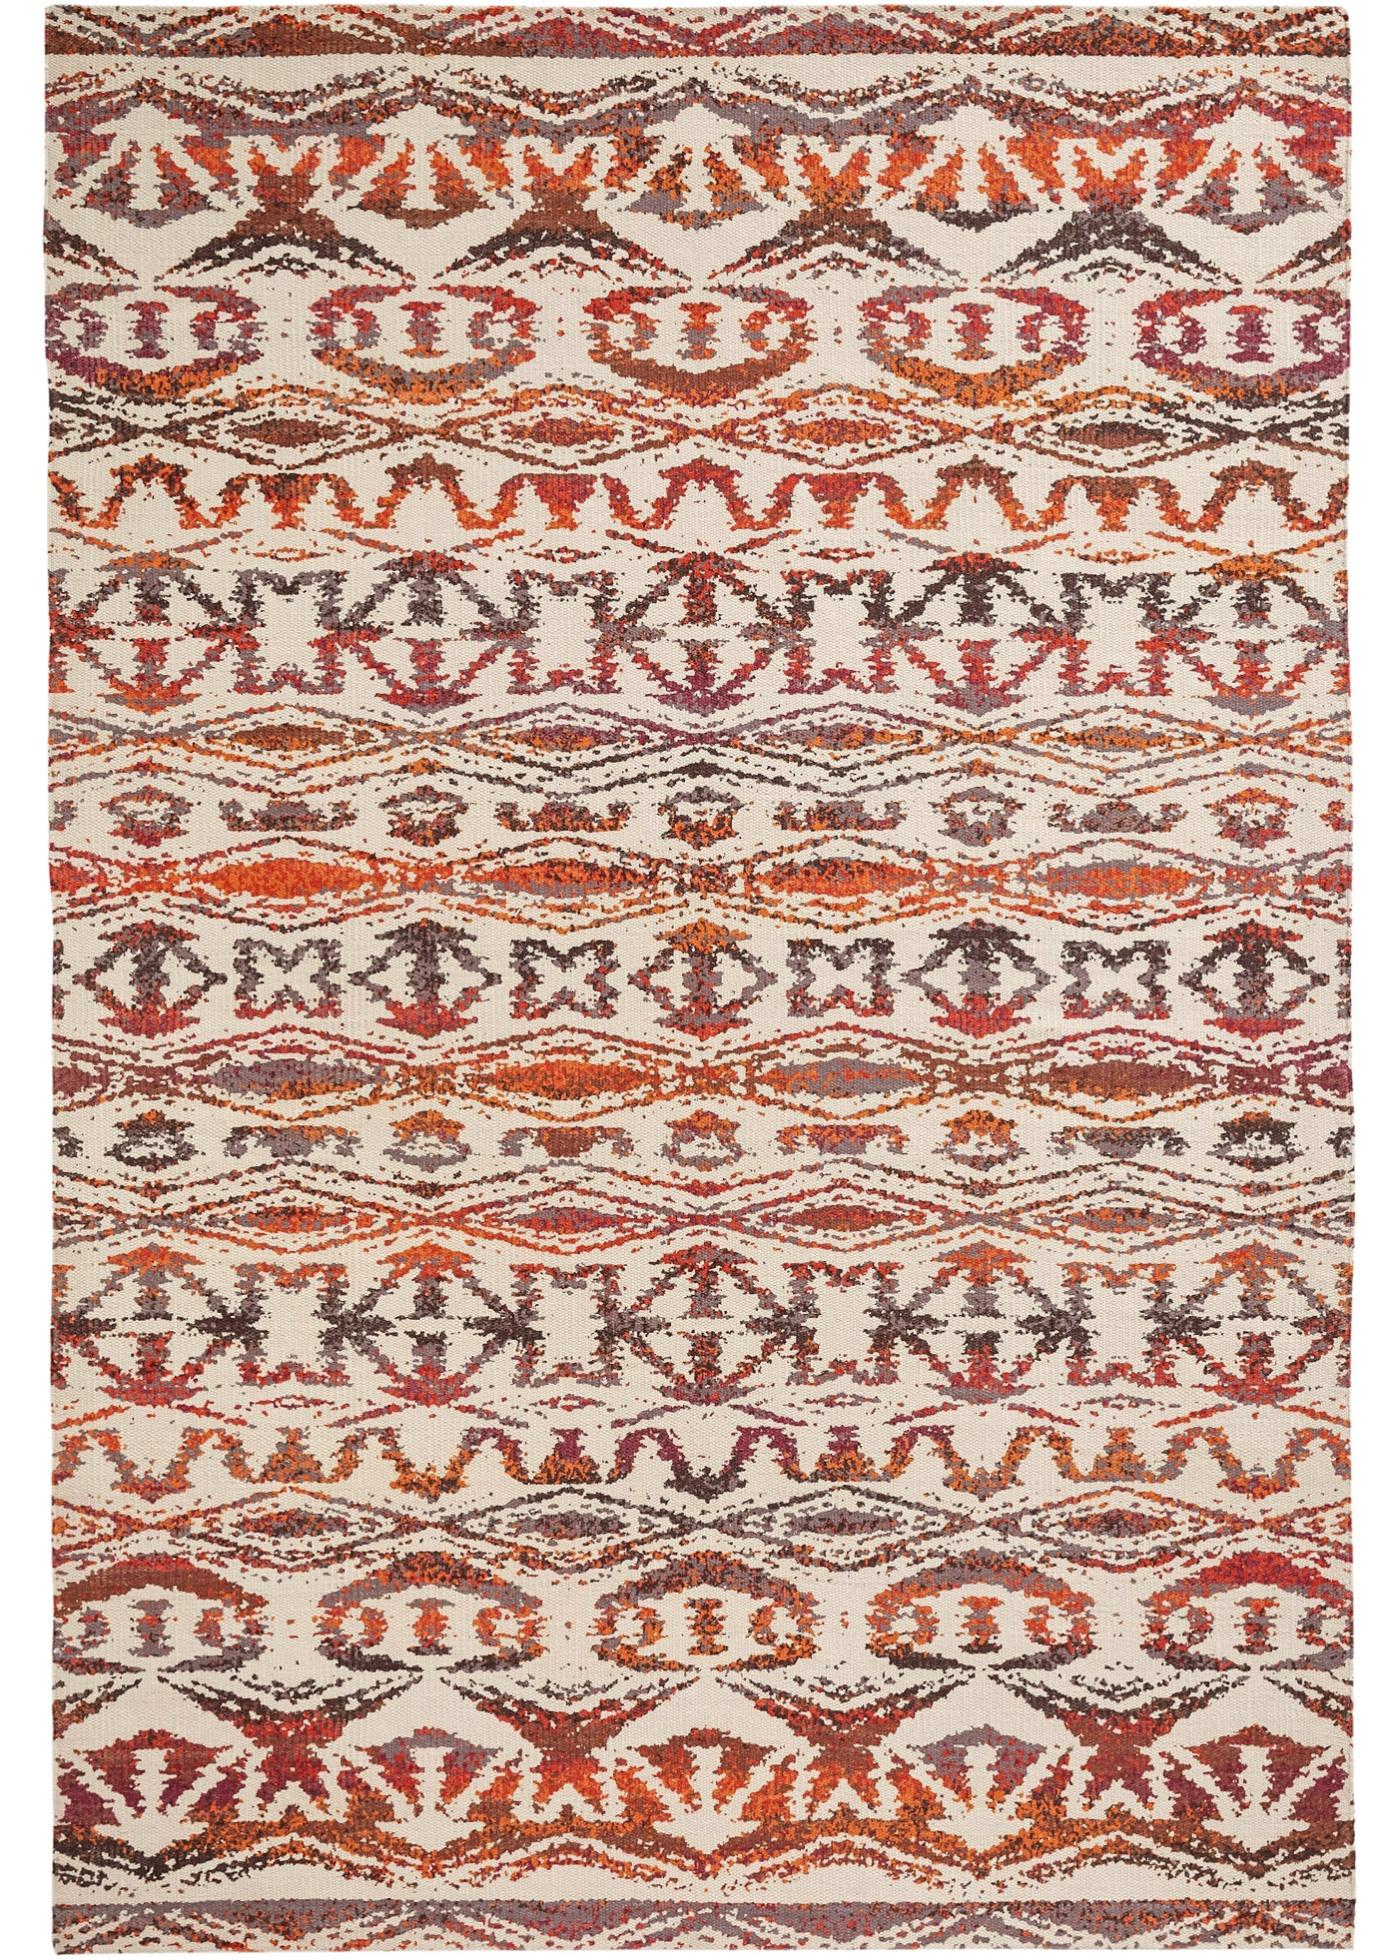 Teppich mit Ethnodruck